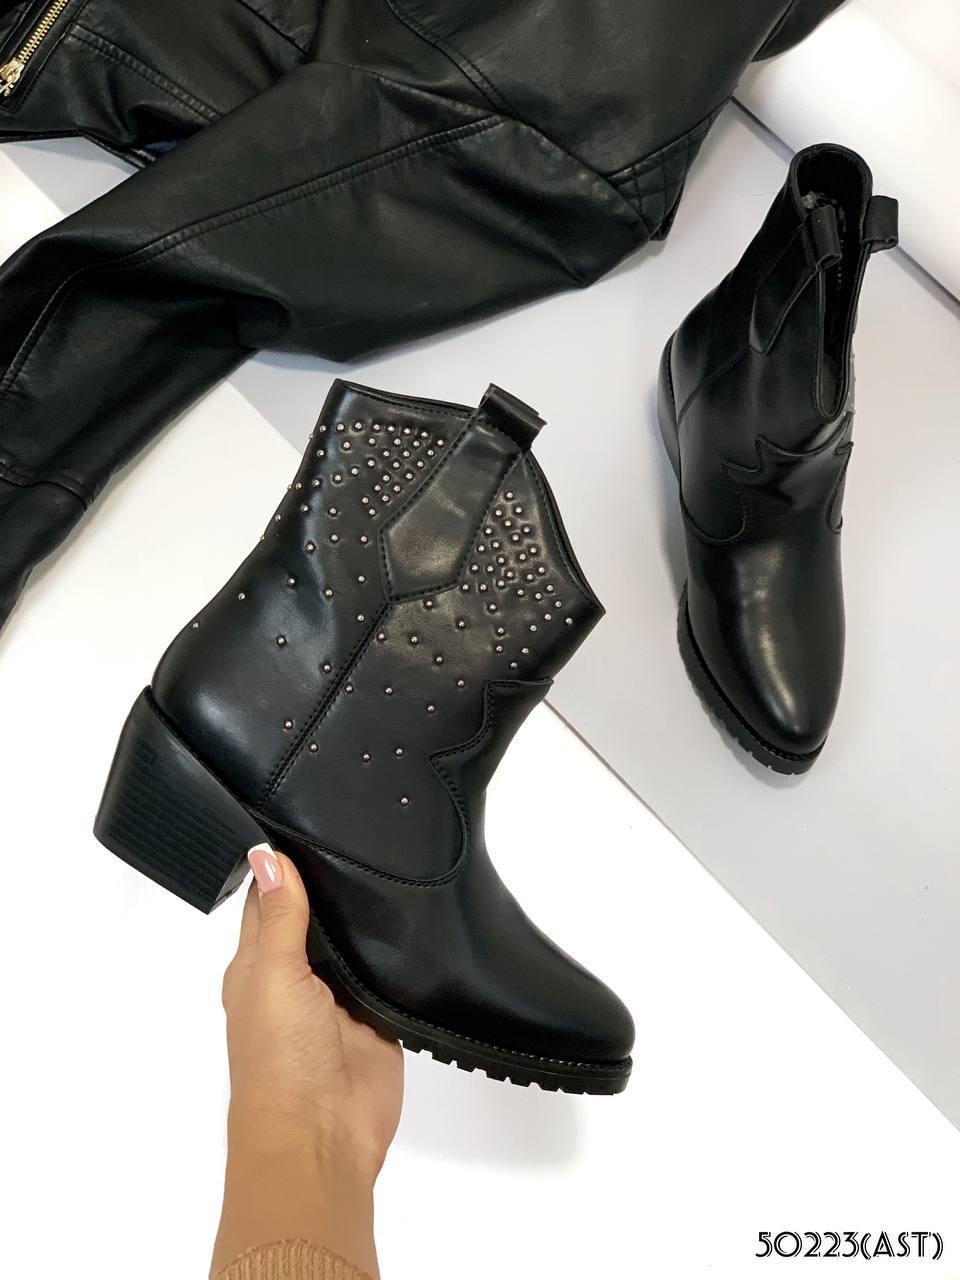 Ботинки демисезон Kozak декор заклепки.